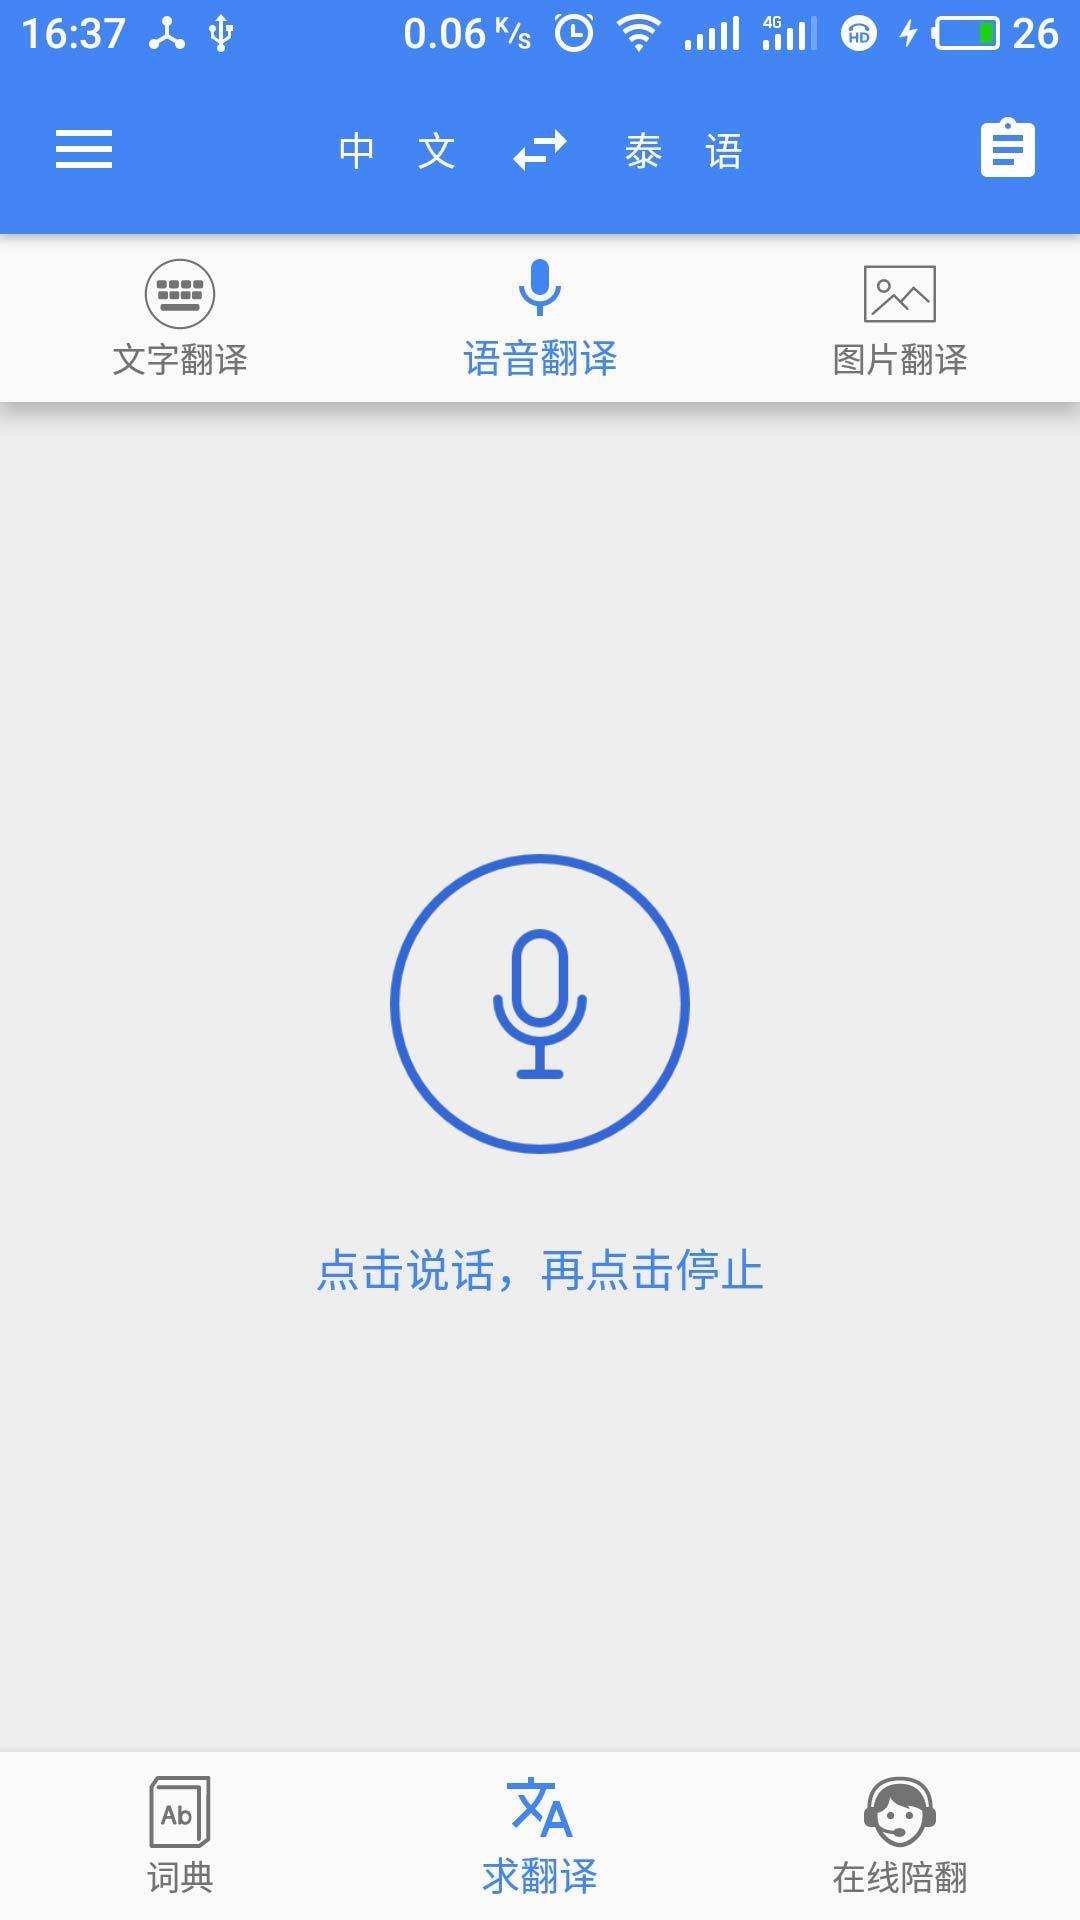 一铭翻译云